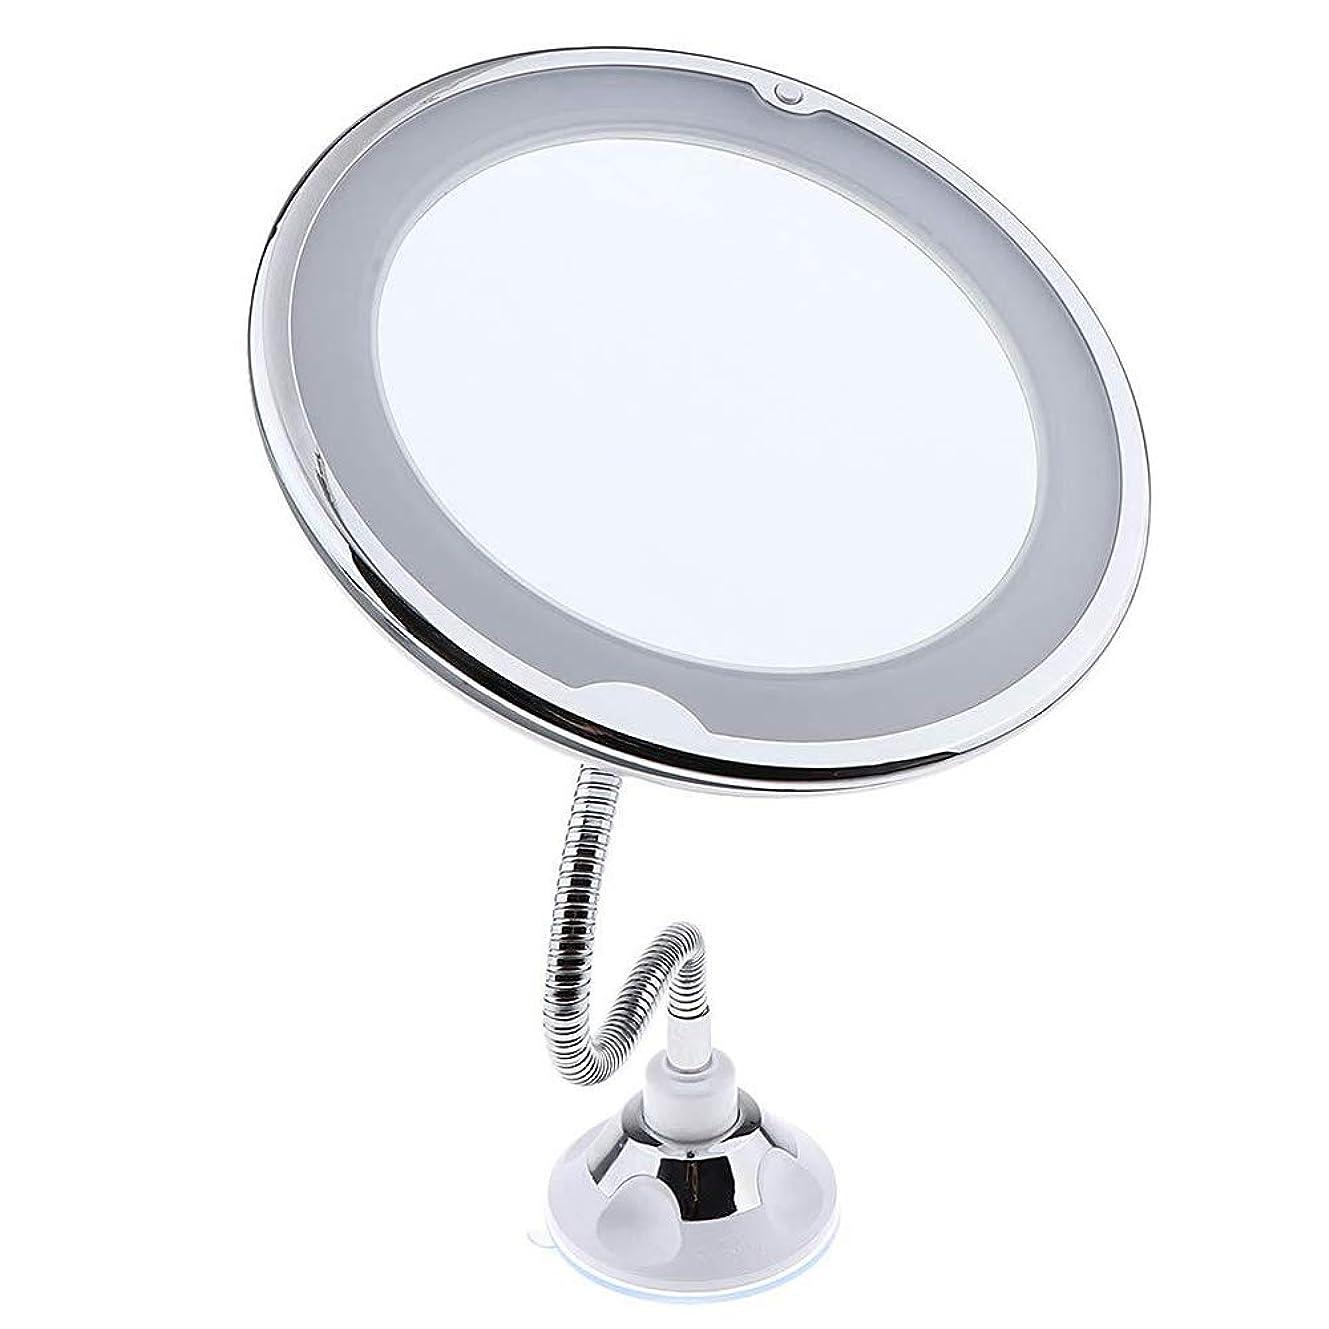 普遍的なアンデス山脈販売計画柔軟なグースネック10倍拡大鏡led照明付き化粧鏡、サクションカップ付き浴室倍率化粧鏡、360度回転